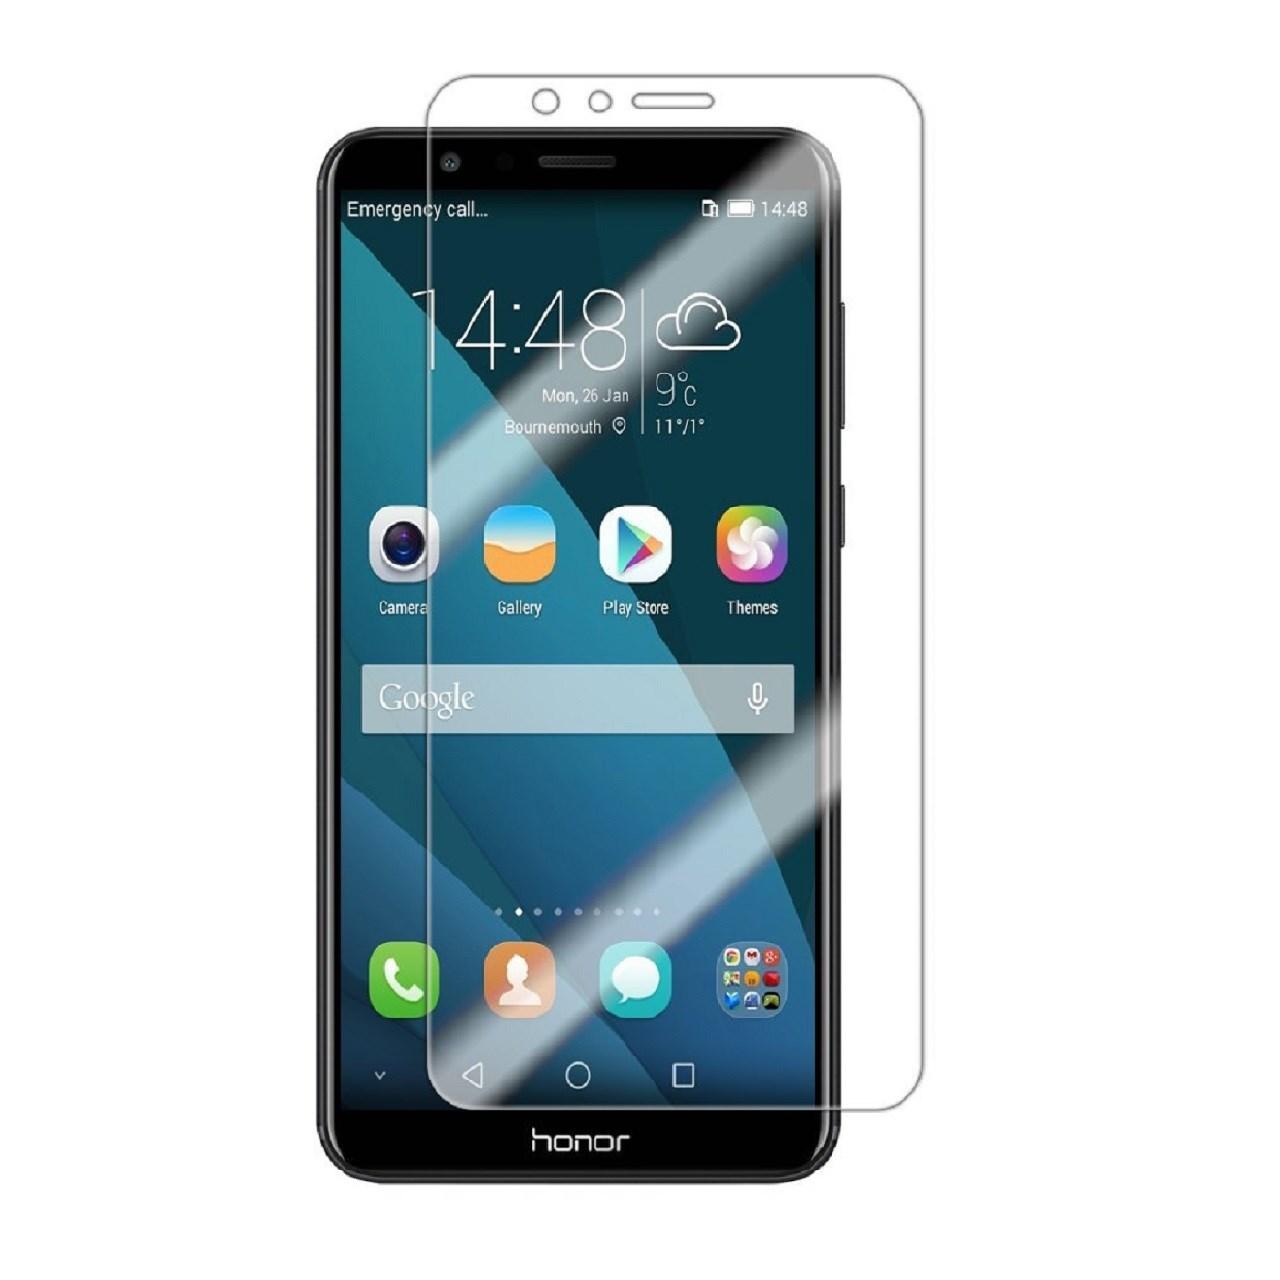 محافظ صفحه نمایش شیشه ای مدل Tempered مناسب برای گوشی موبایل هواوی honor 7x